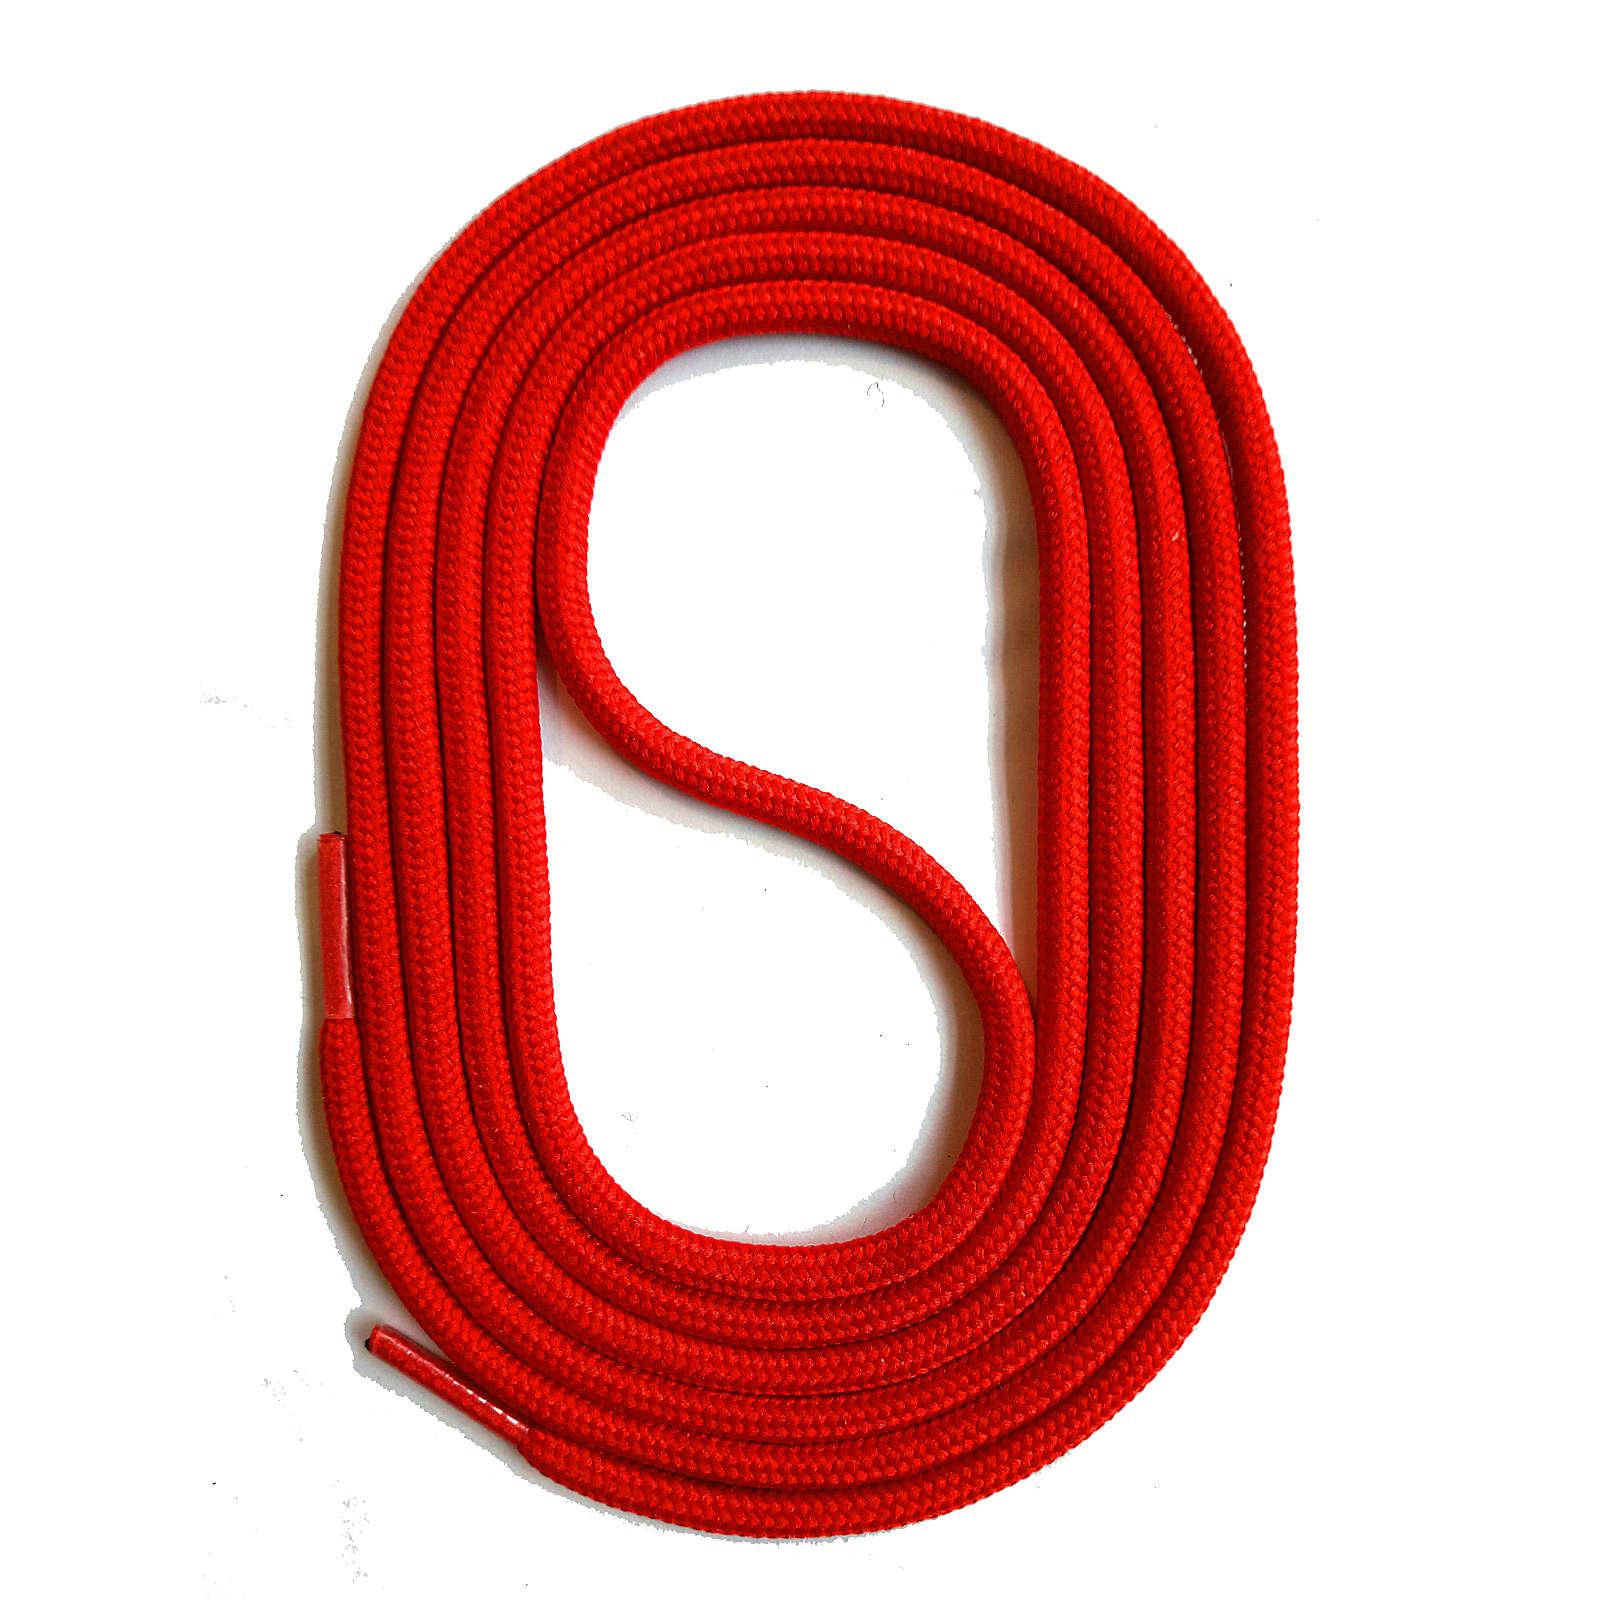 SNORS shoefriends SNORS Schnürsenkel rund 60-150cm, 3mm aus Polyester Schnürsenkel rot Gr. 60